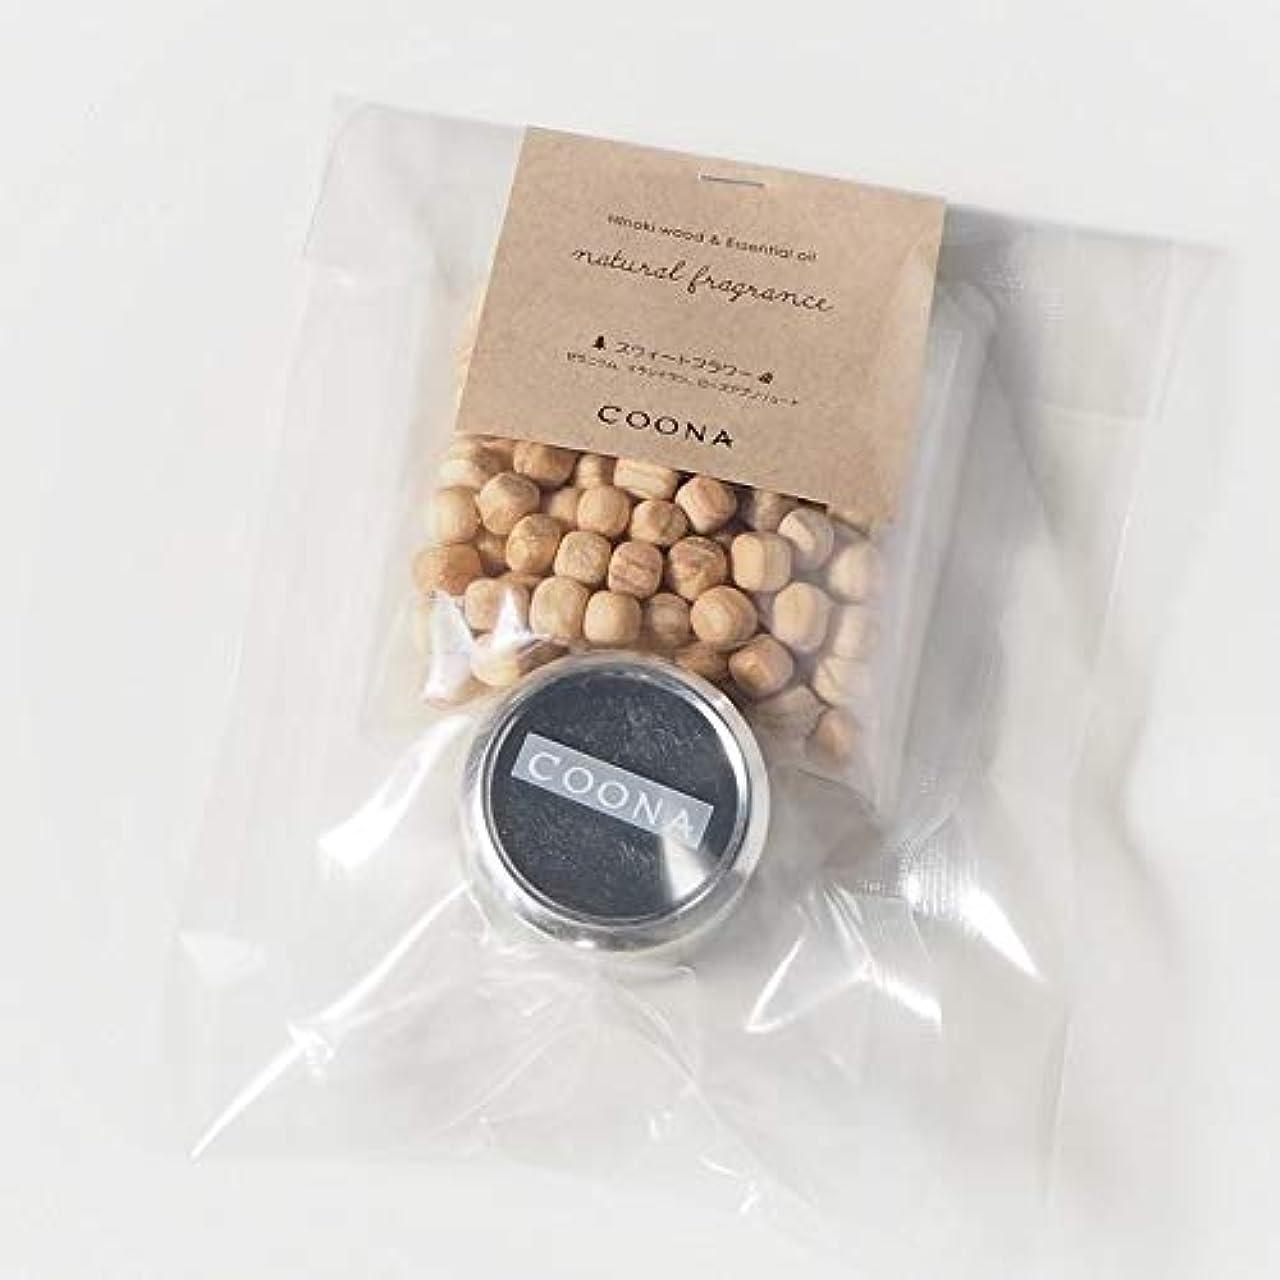 退化する二ミスヒノキ ウッド& エッセンシャルオイル ナチュラルフレグランス (メタル缶付き, 地の香り)